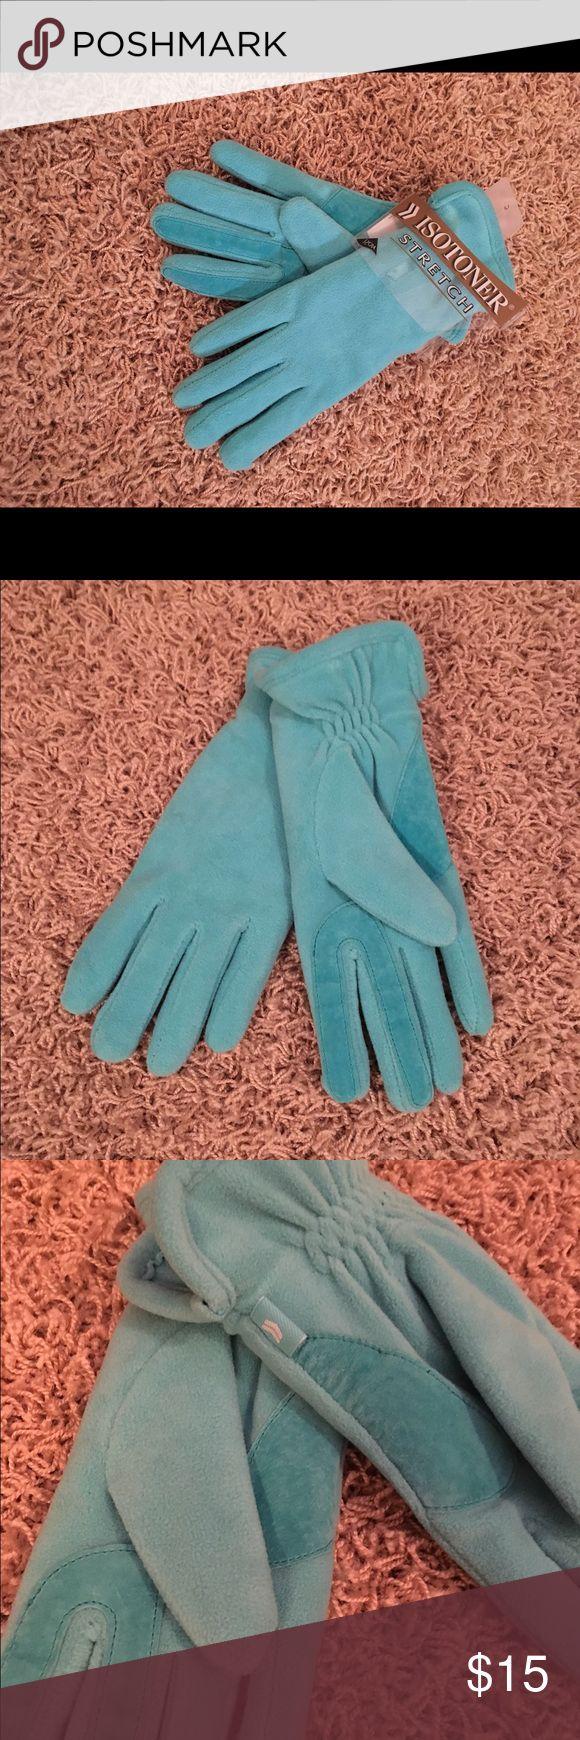 Fingerless gloves isotoner - Gloves By Isotoner Nwt